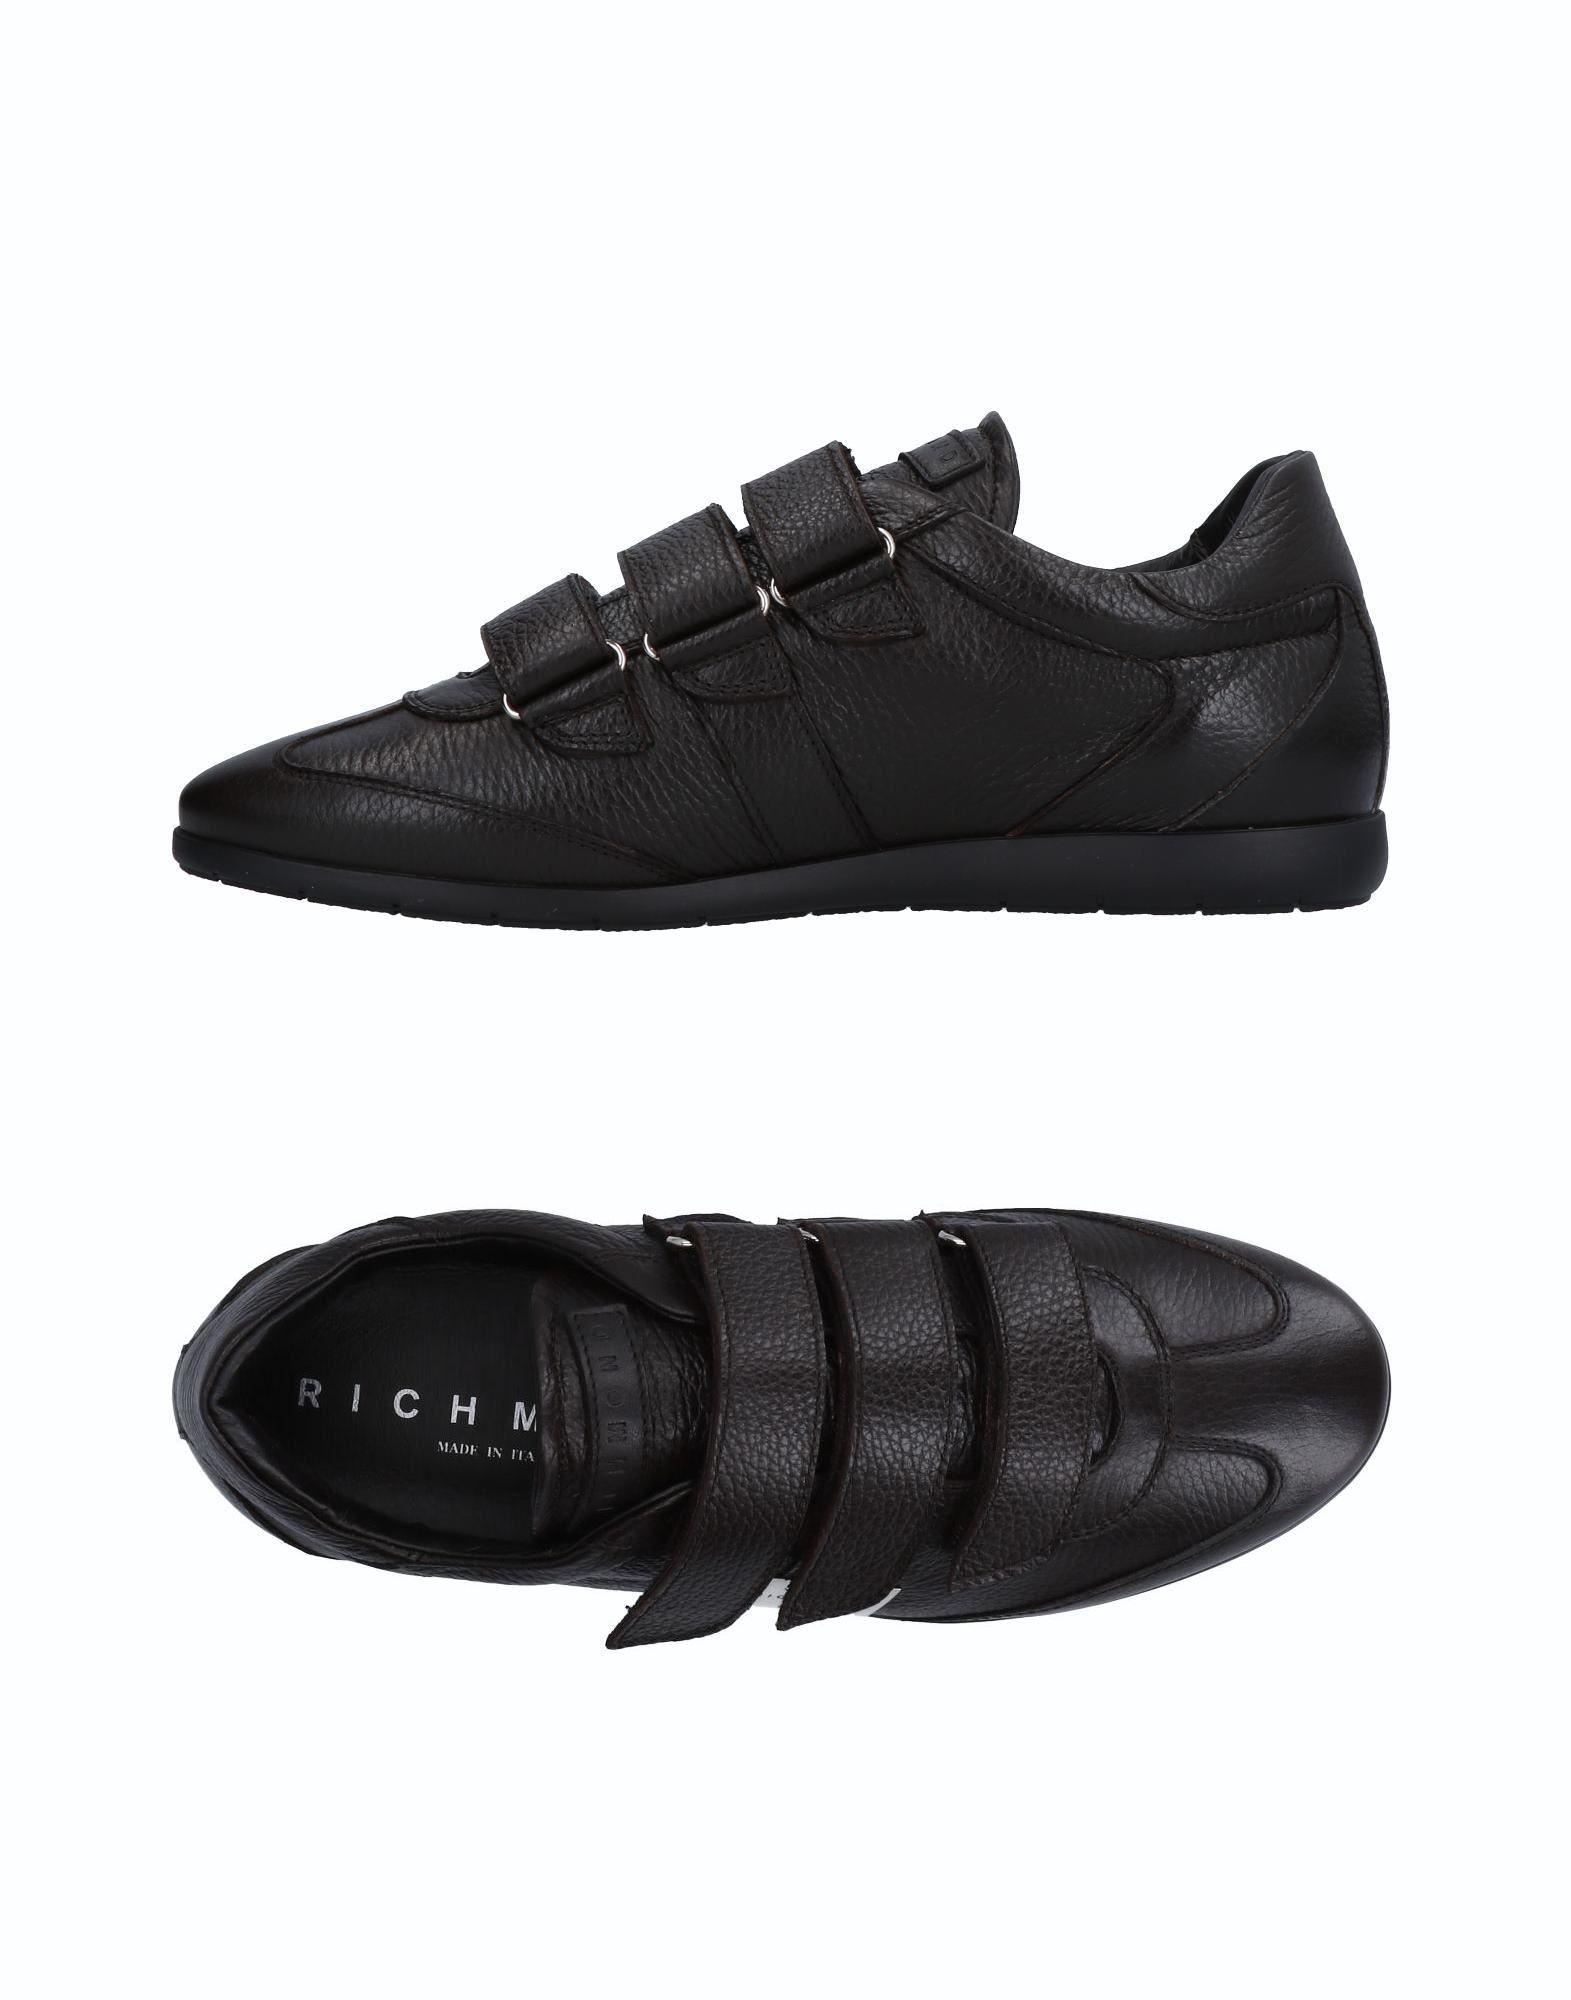 Richmond Sneakers Herren  11515207GF Gute Qualität beliebte Schuhe